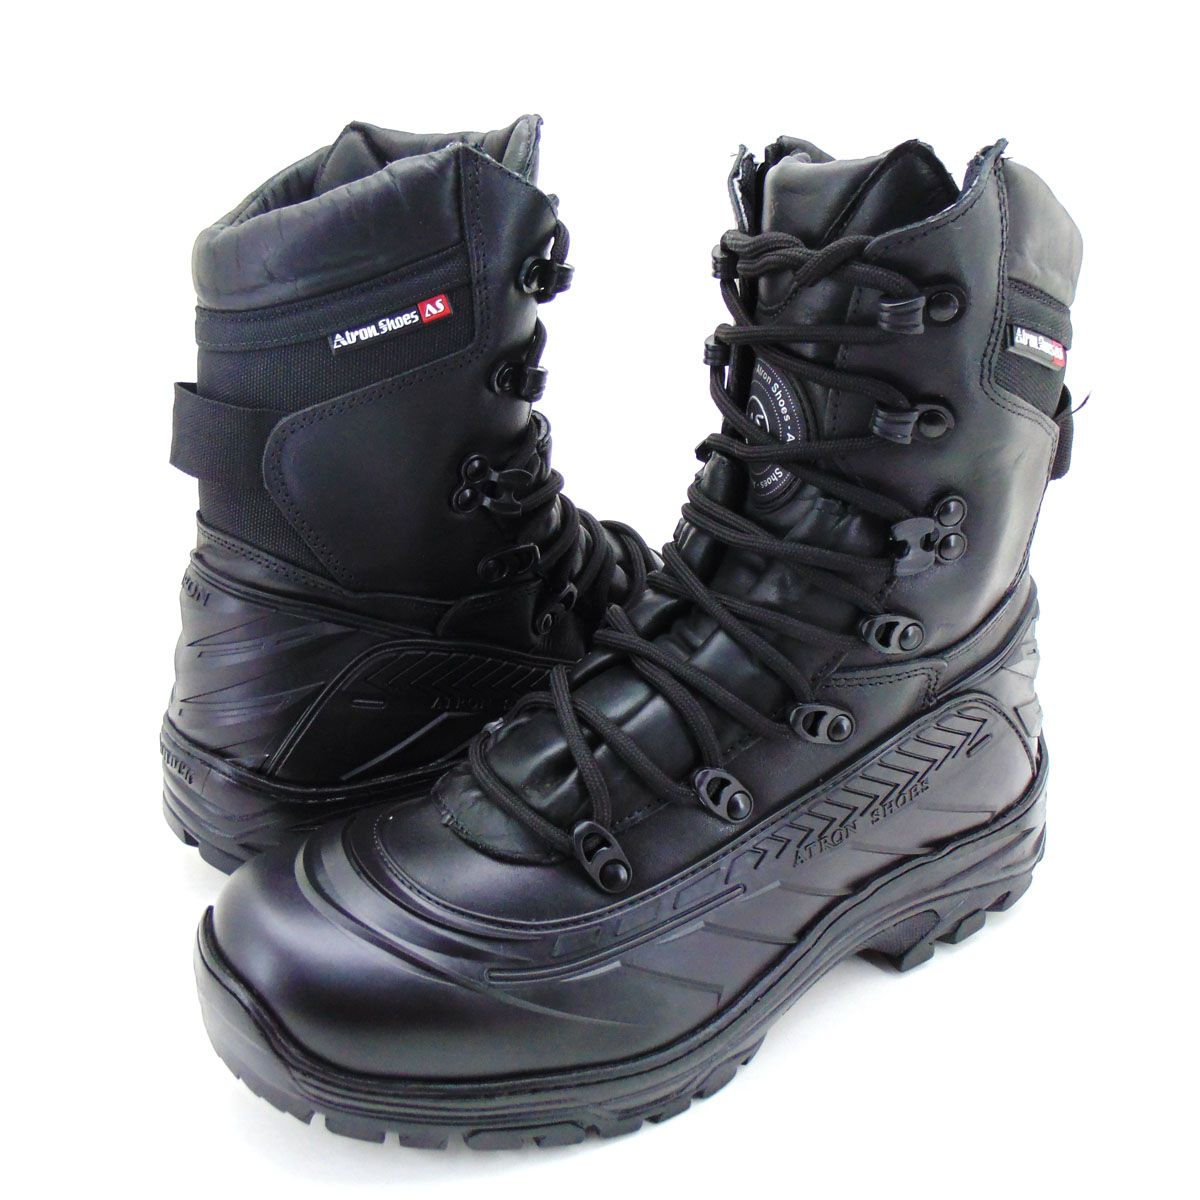 Coturno tático militar de couro Atron Shoes em couro preto 289